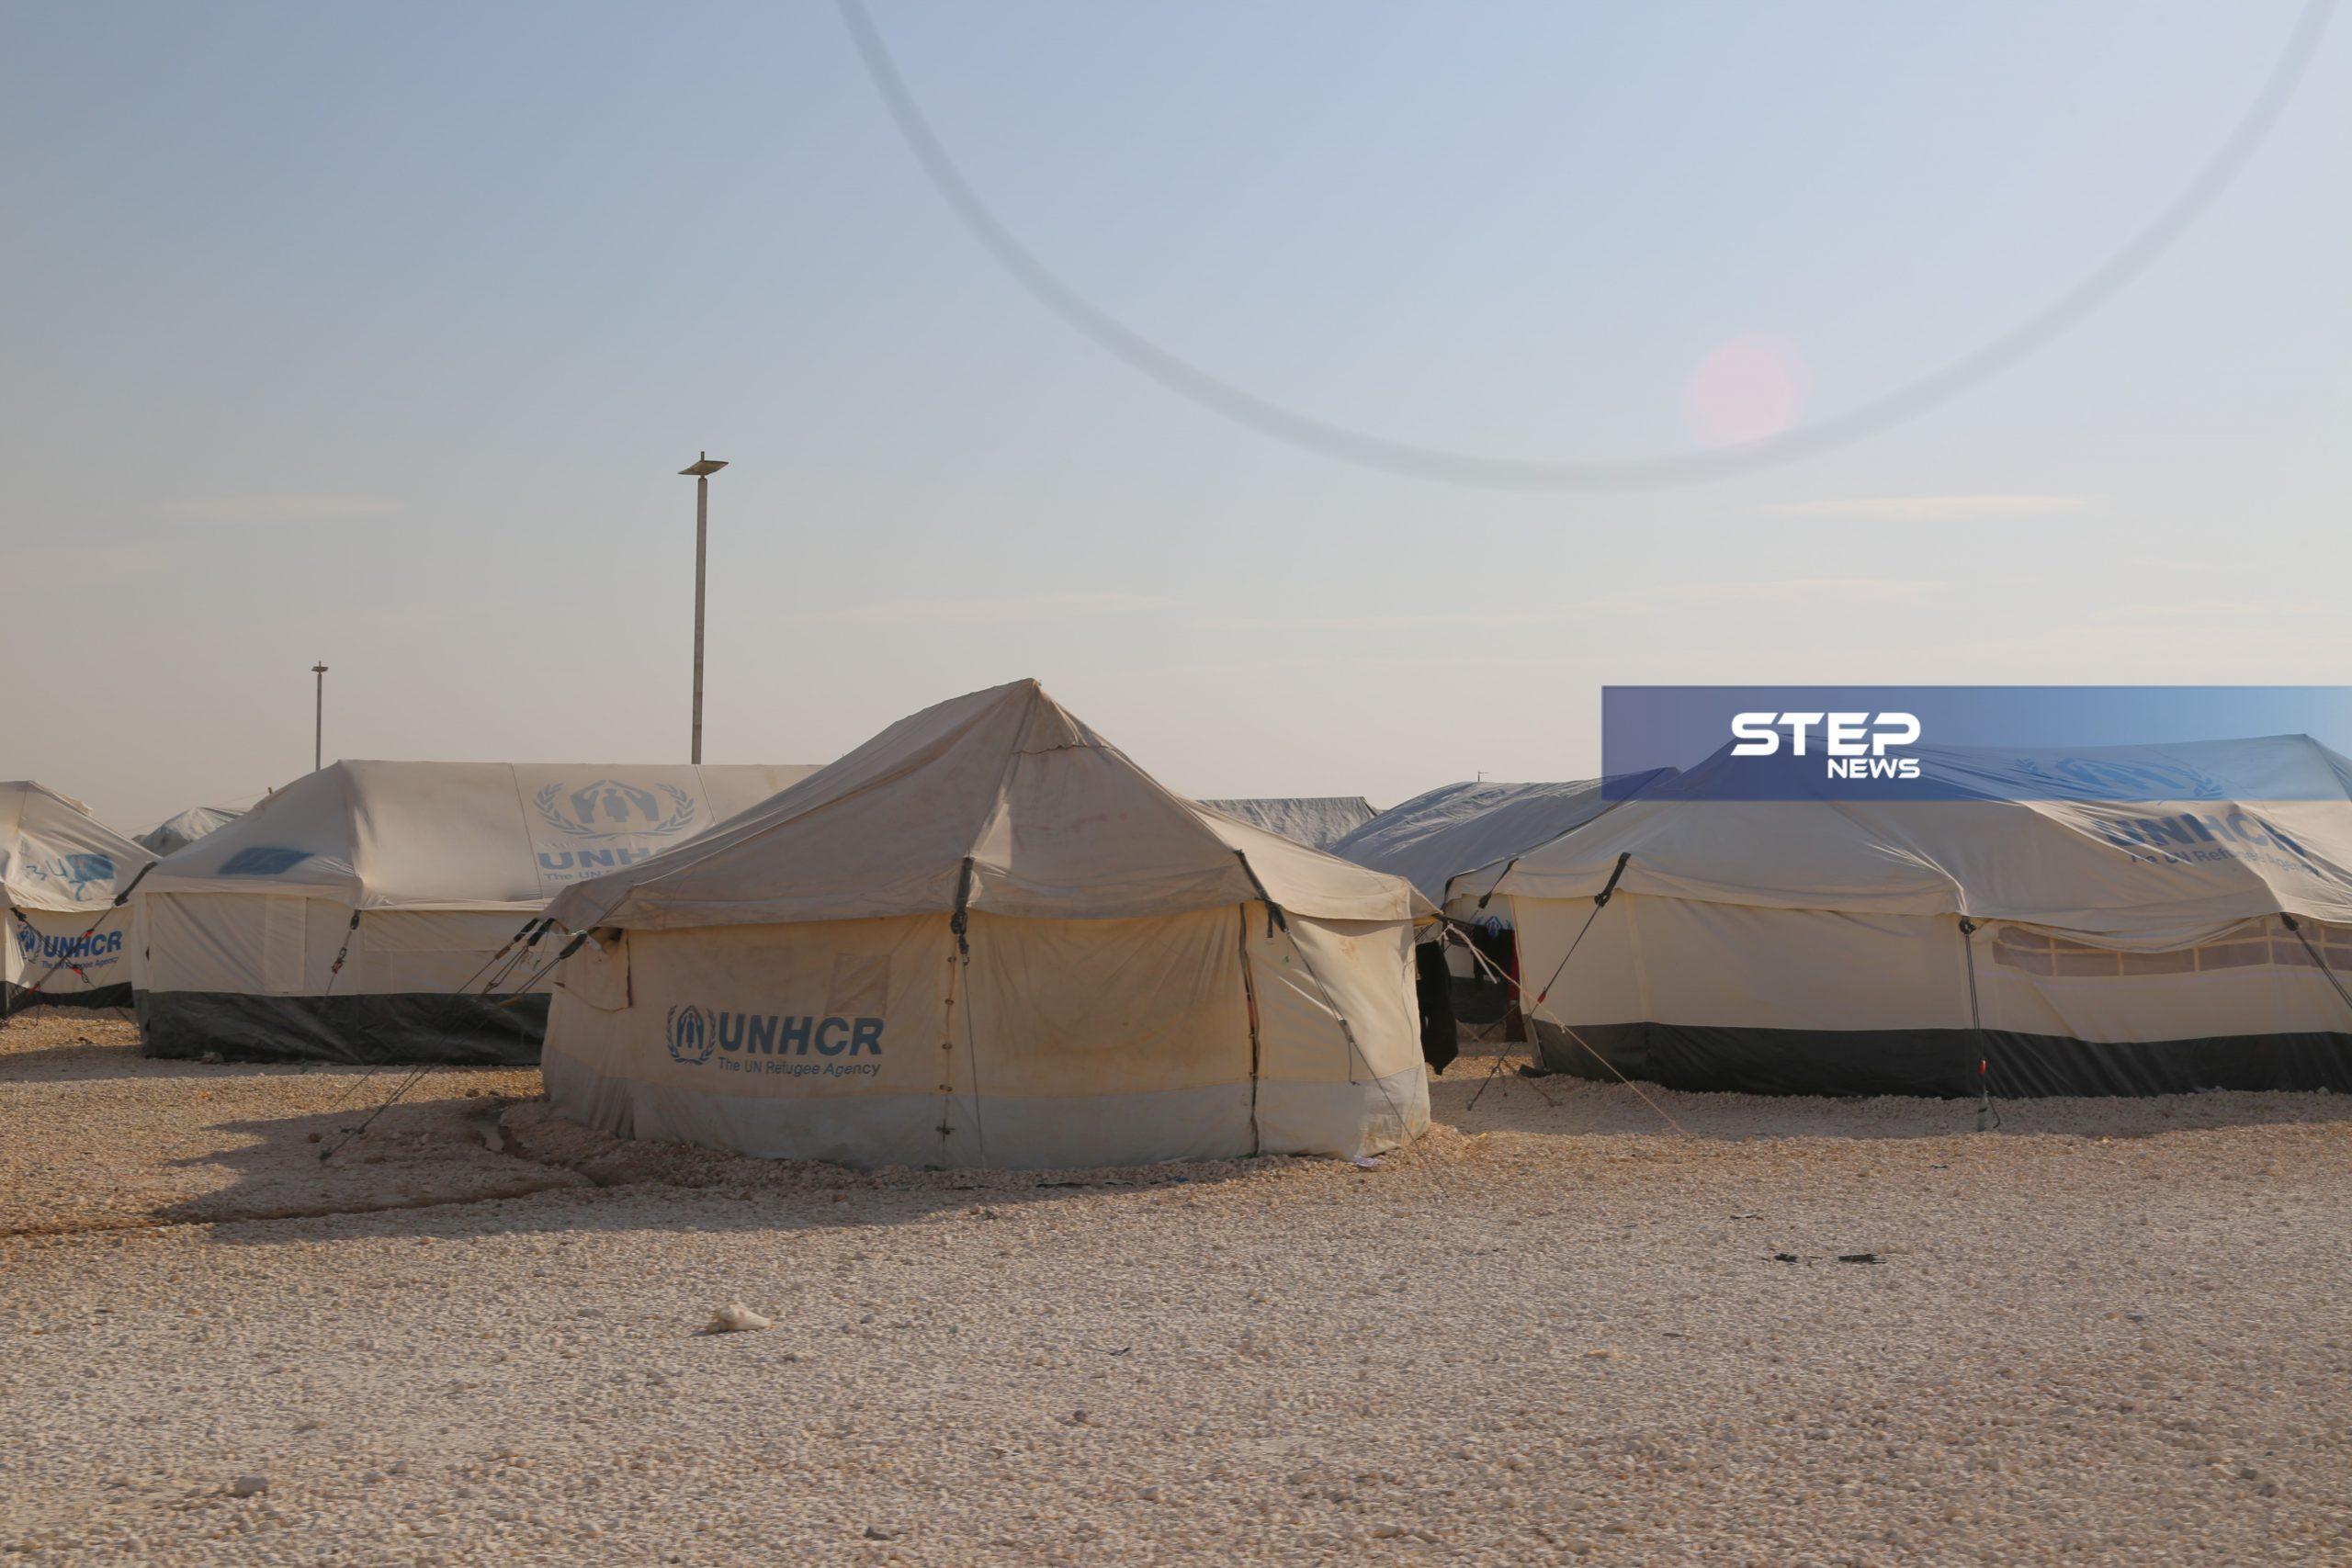 جولة لعدسة ستيب في مخيم الهول بريف الحسكة